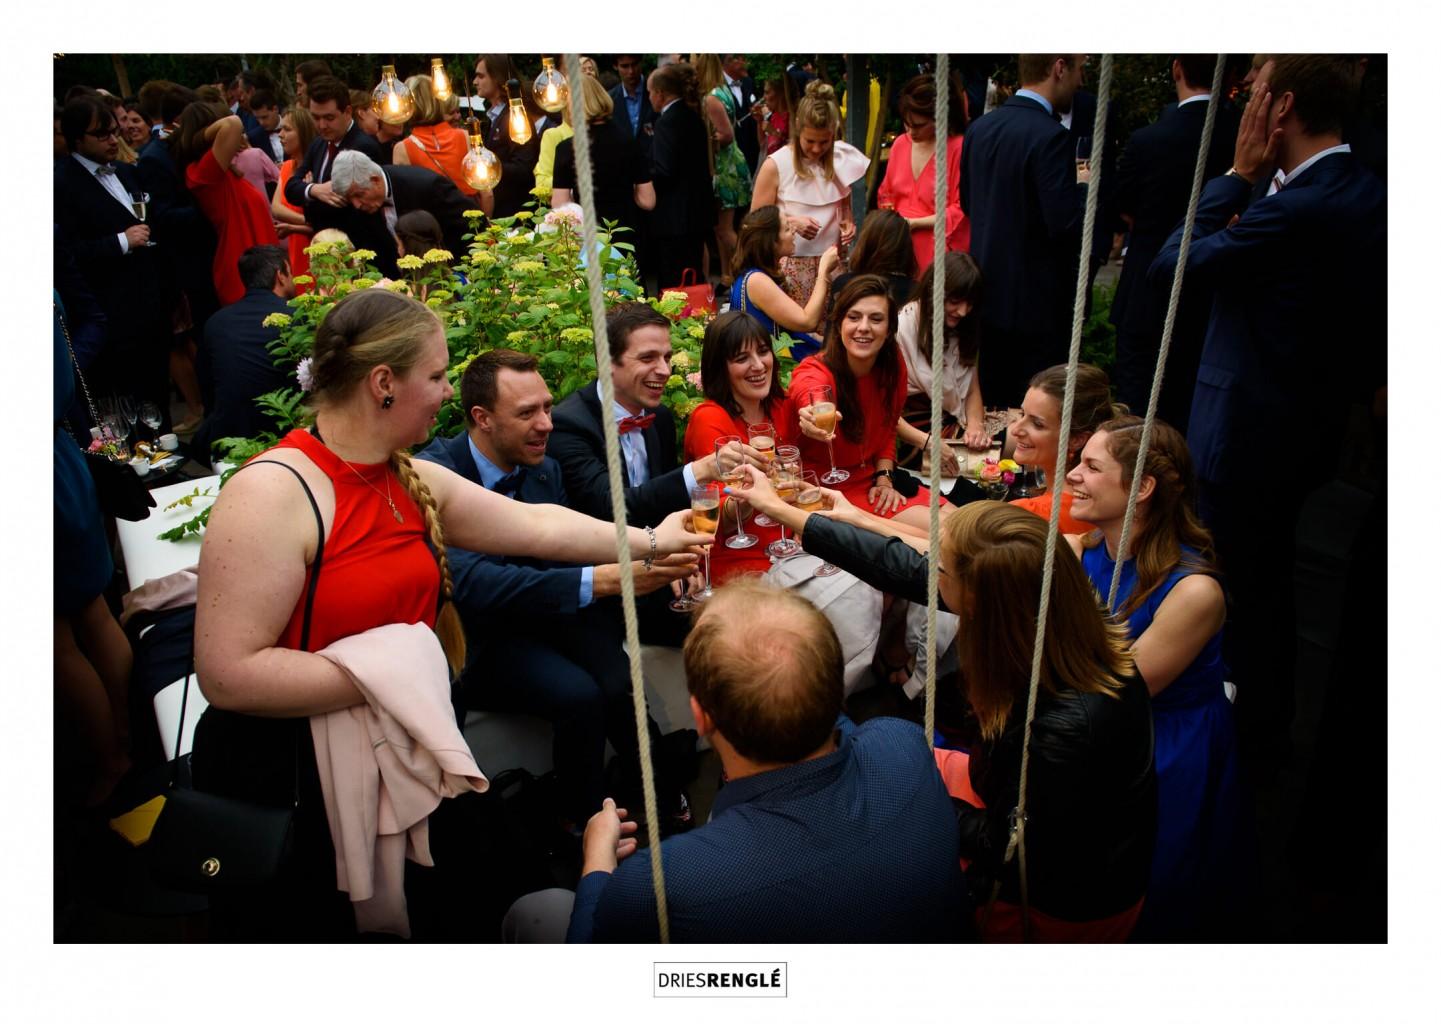 005-jef-cools-feestzaal-huwelijksfotograaf-dries-rengle